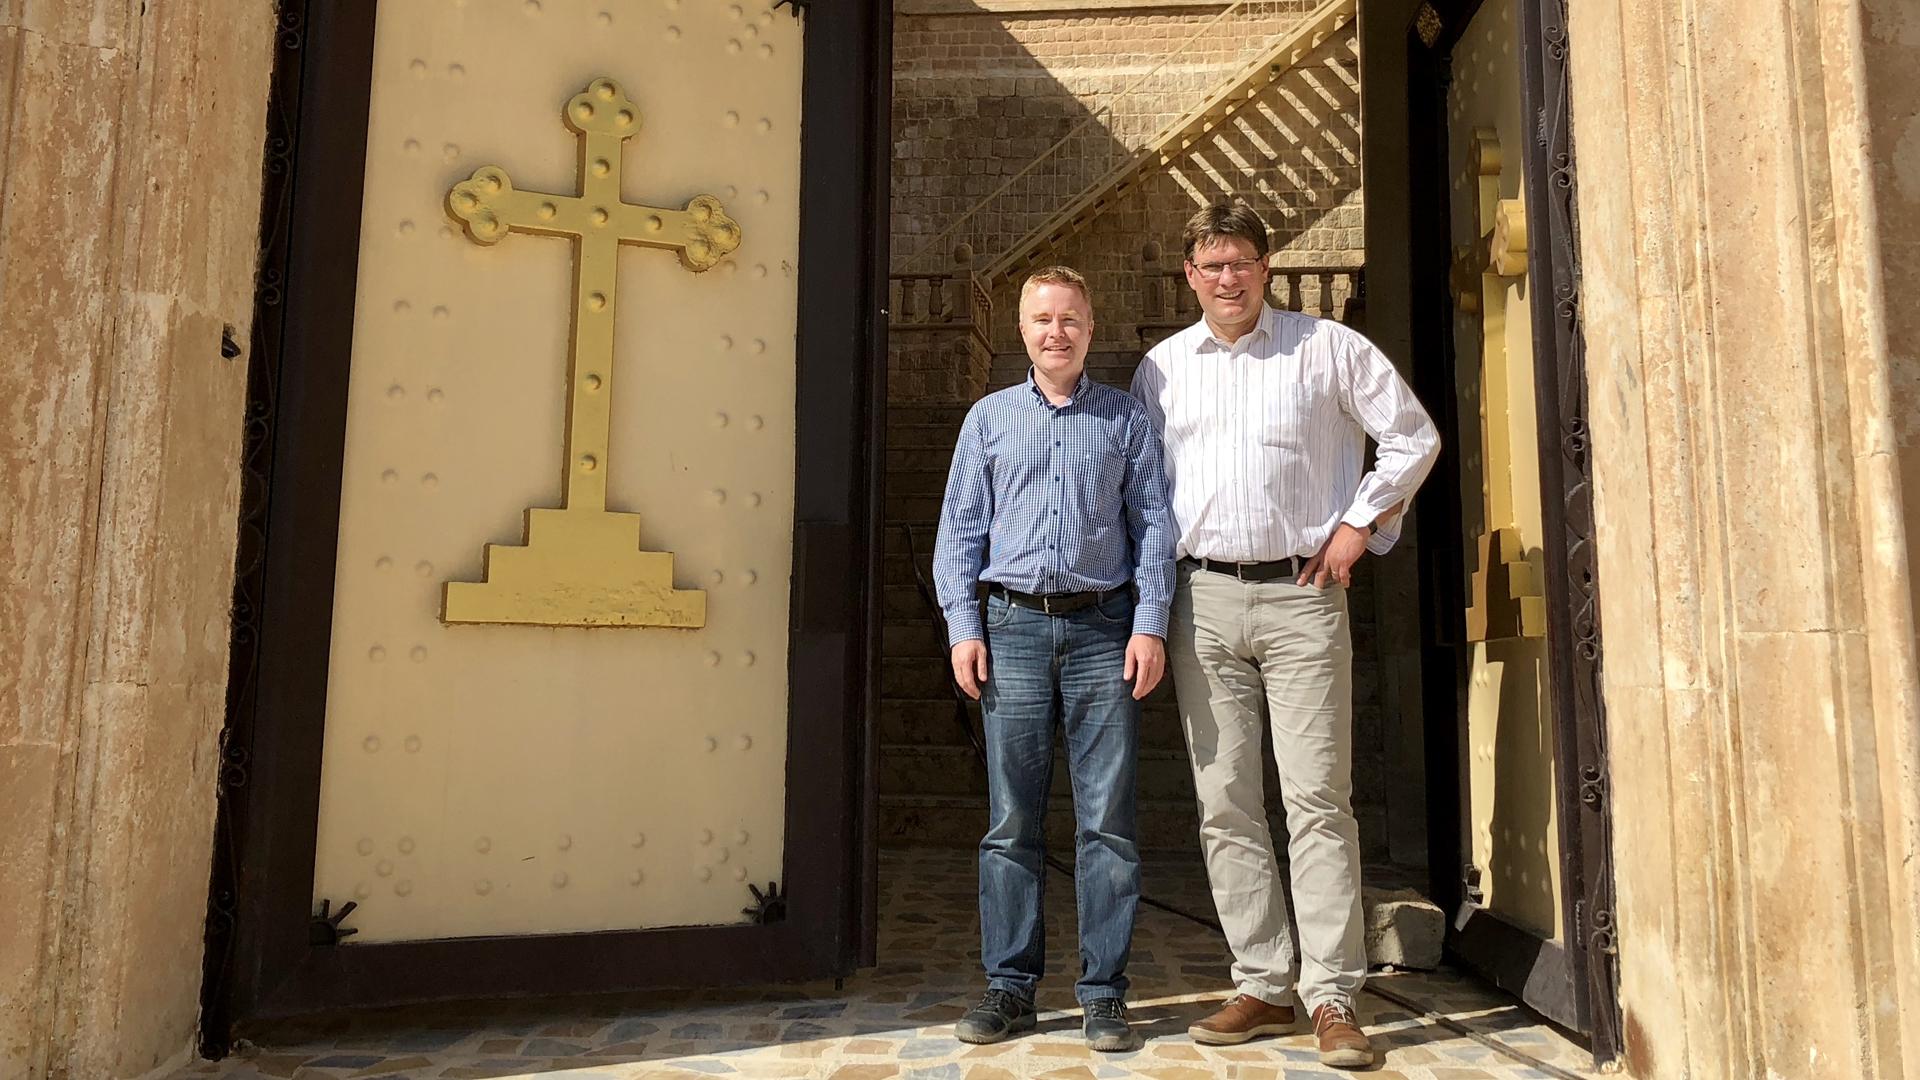 Uwe Heimowski (rechts) gemeinsam mit David Müller von der Ojcos-Stiftung vor dem assyrischen Kloster Mar Matta, einem der ältesten existierenden christlichen Klöster der Welt.